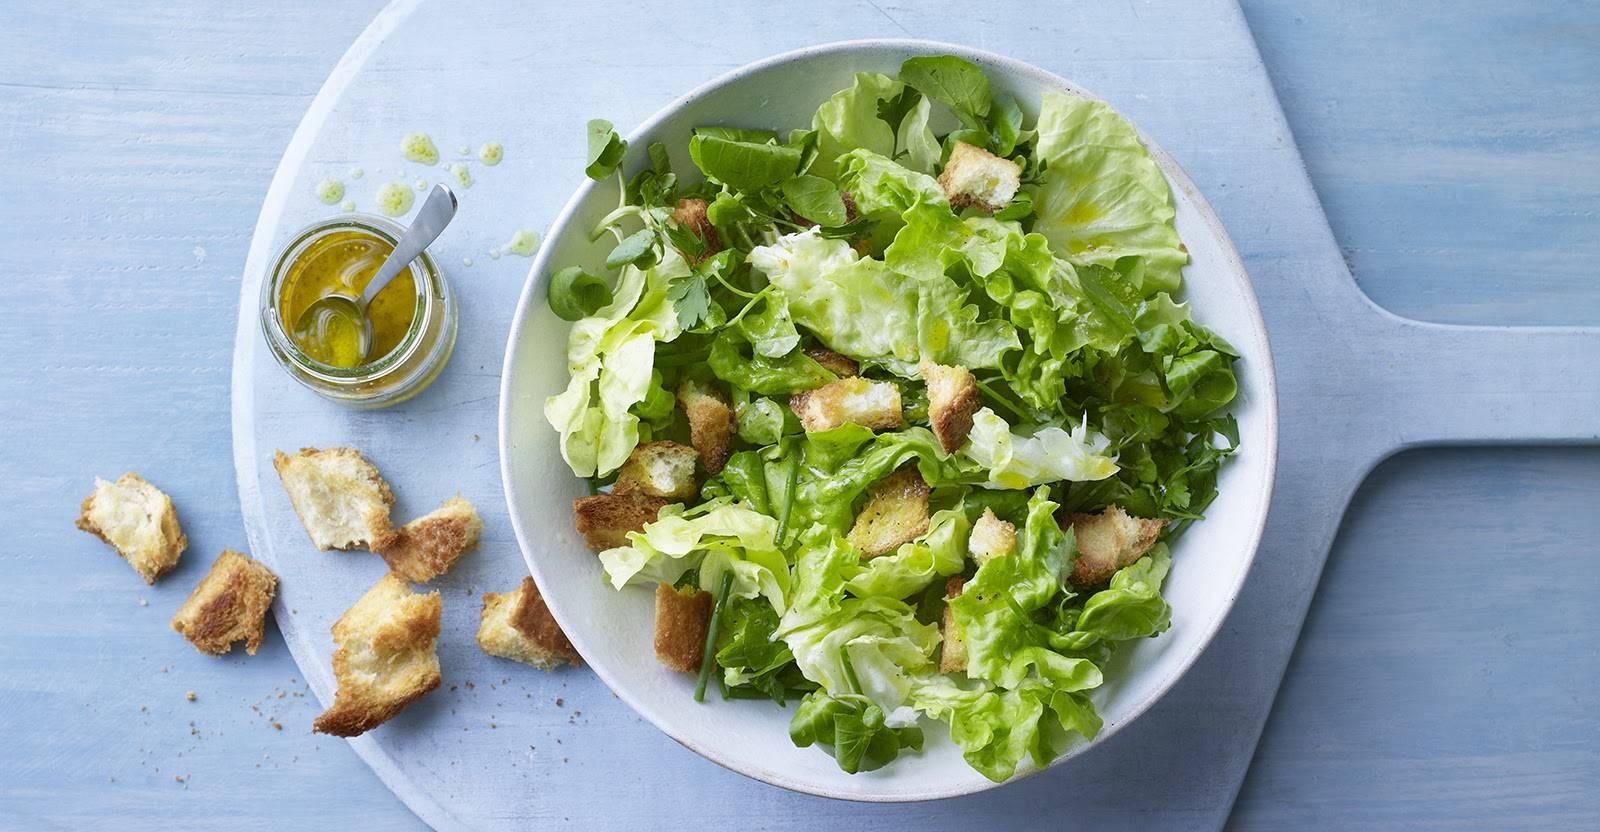 Salad rau trộn là thực đơn giảm cân cho bữa tối hiệu quả